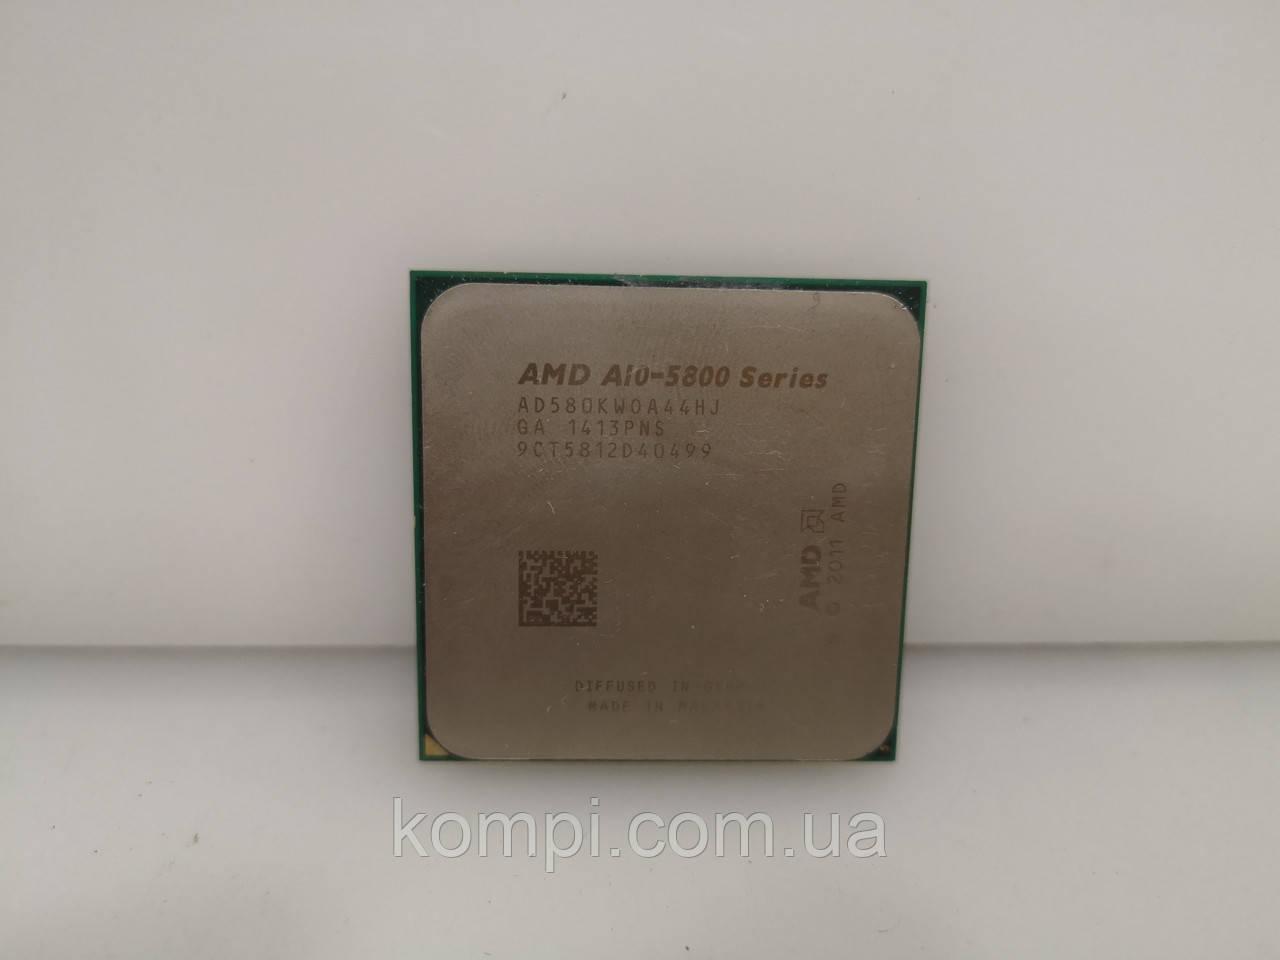 Процессор  AMD  A10-5800K  3.8Ghz - 4.2Ghz  FM2